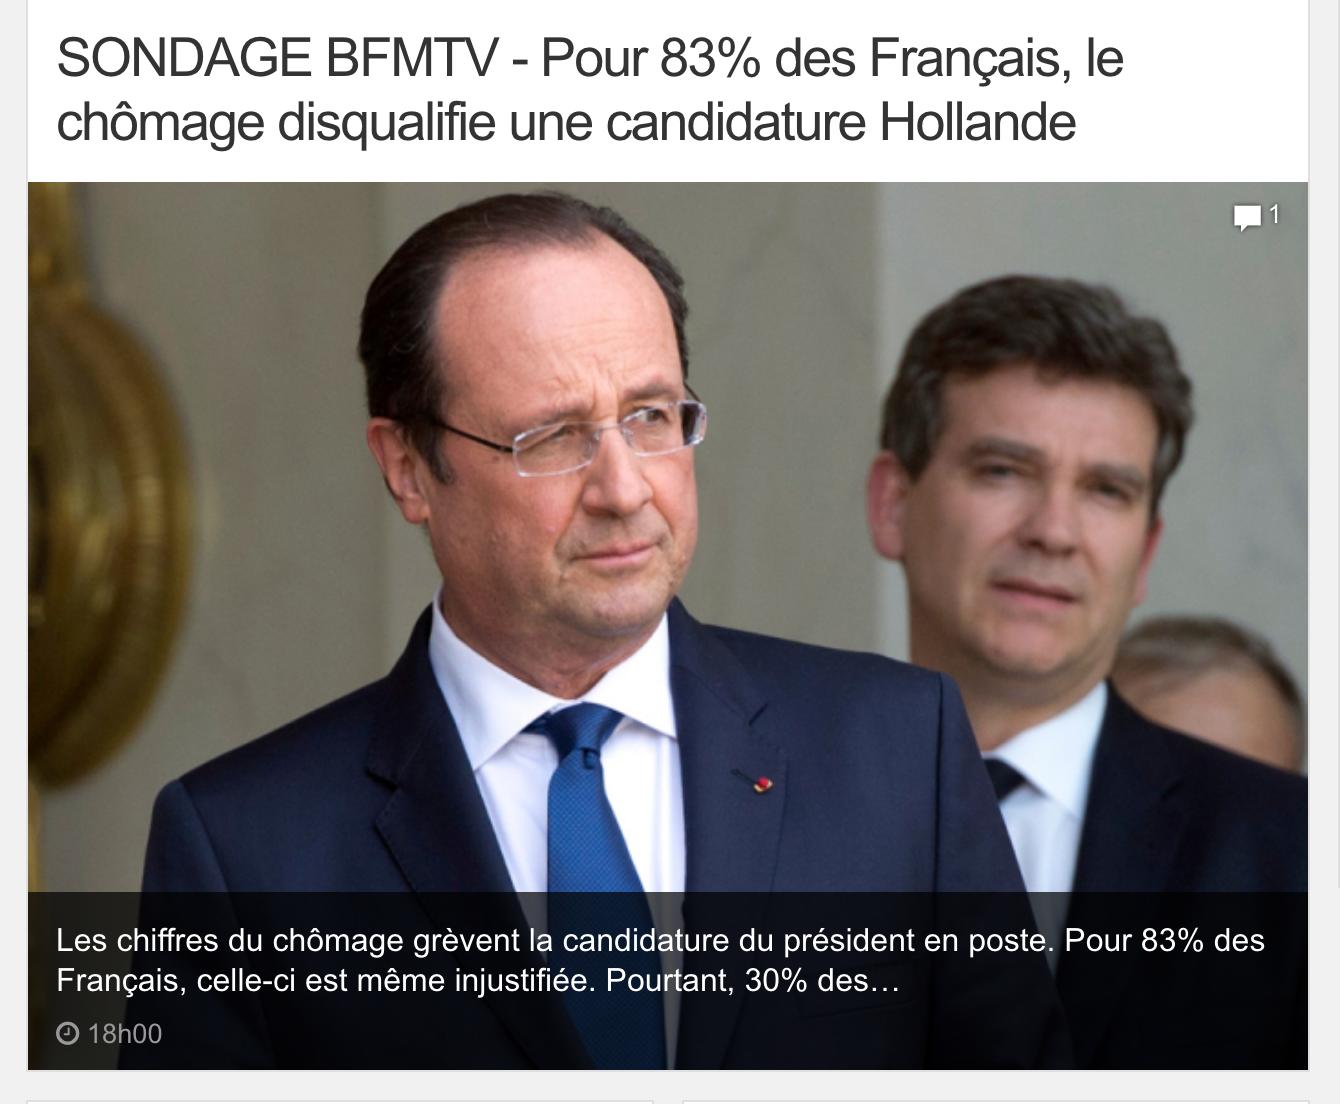 pour-83-des-franc%cc%a7ais-le-cho%cc%82mage-disqualifie-une-candidature-hollande